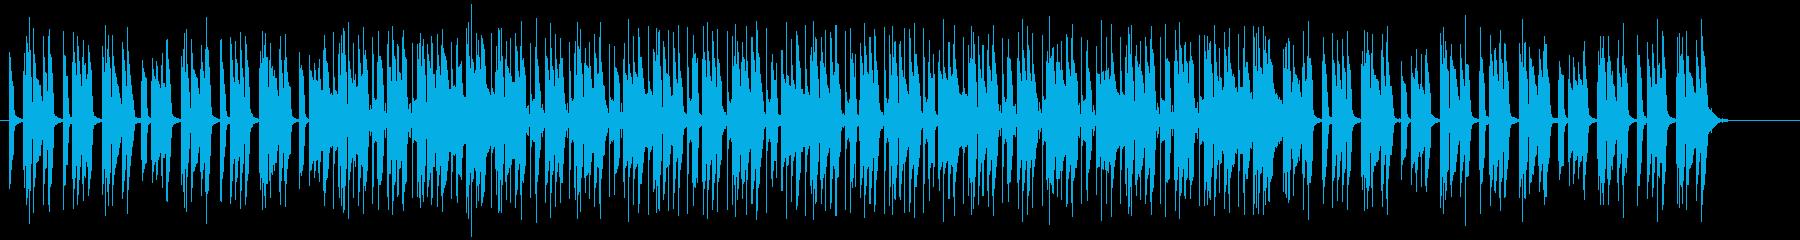 情感に訴えるエレクトリック・ポップの再生済みの波形